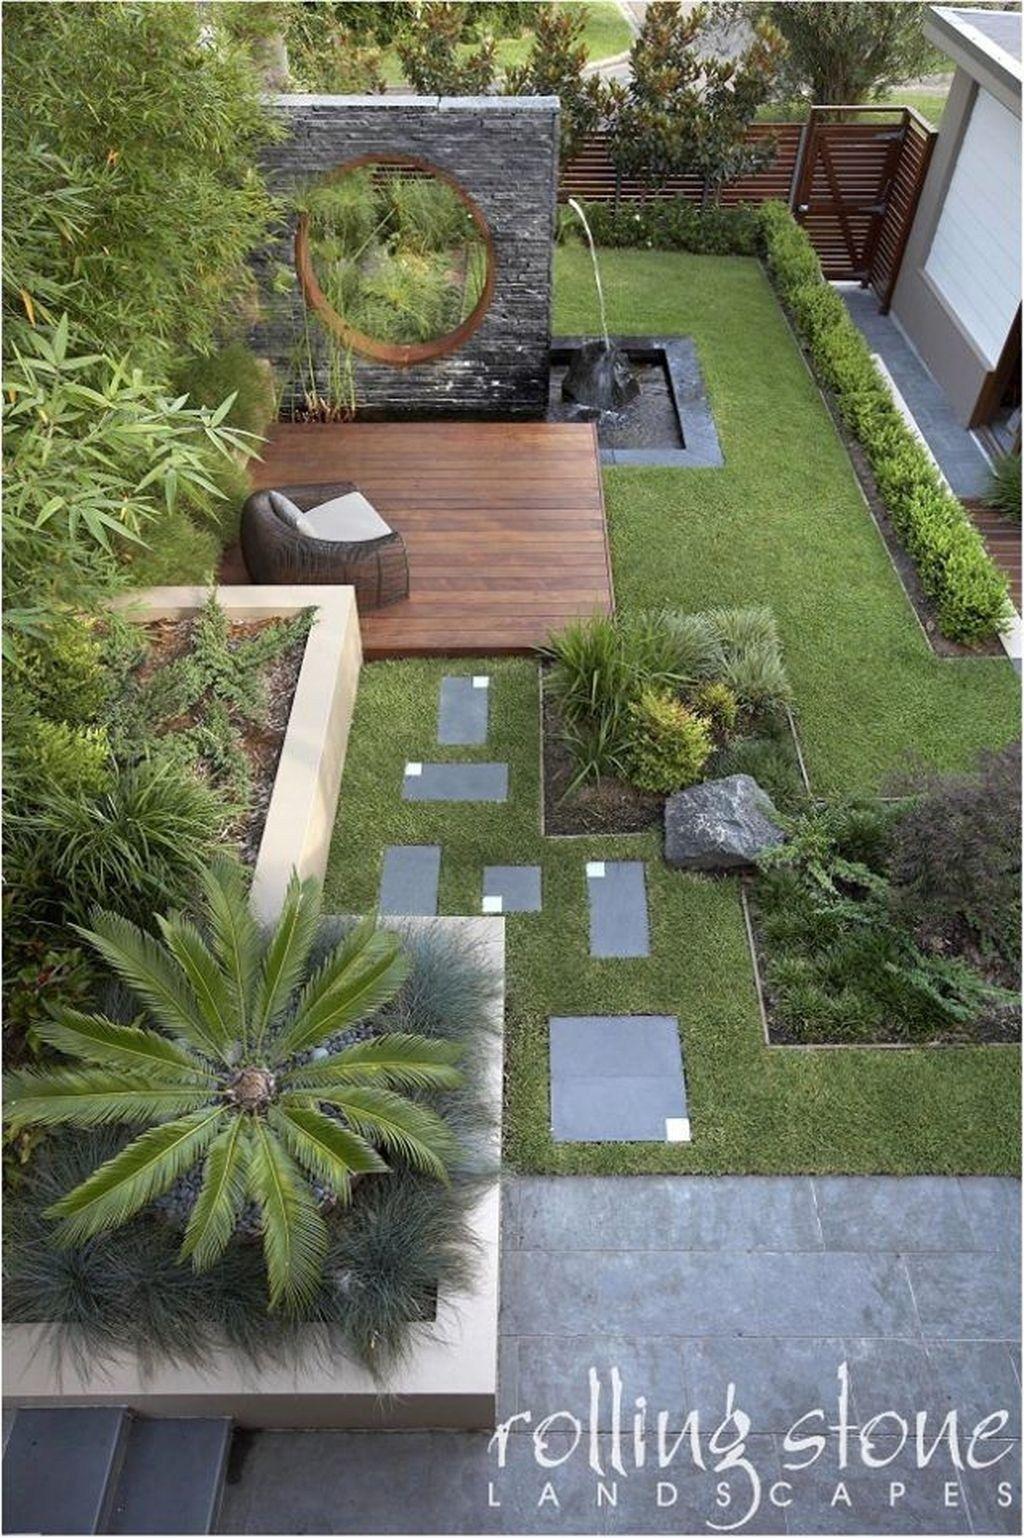 30 Elegant Backyard Patio Ideas On A Budget Easy Backyard Landscaping Modern Backyard Landscaping Small Backyard Landscaping